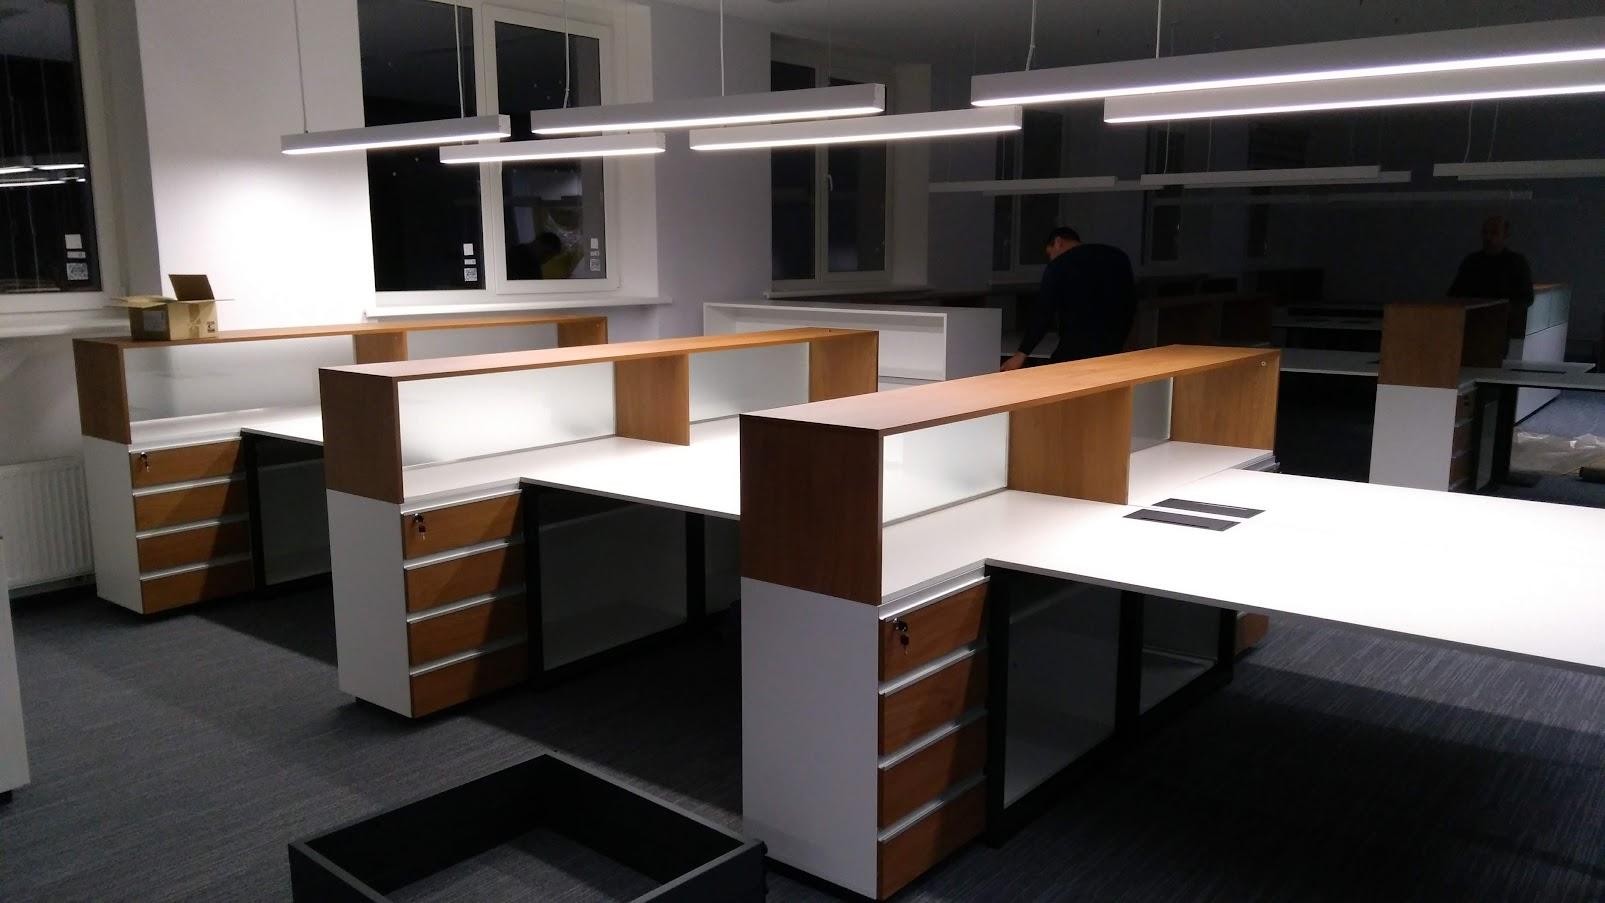 Модульные рабочие места - Модульная офисная мебель, Металлические каркасы столов, Мебельные опоры ✆ 0679245444